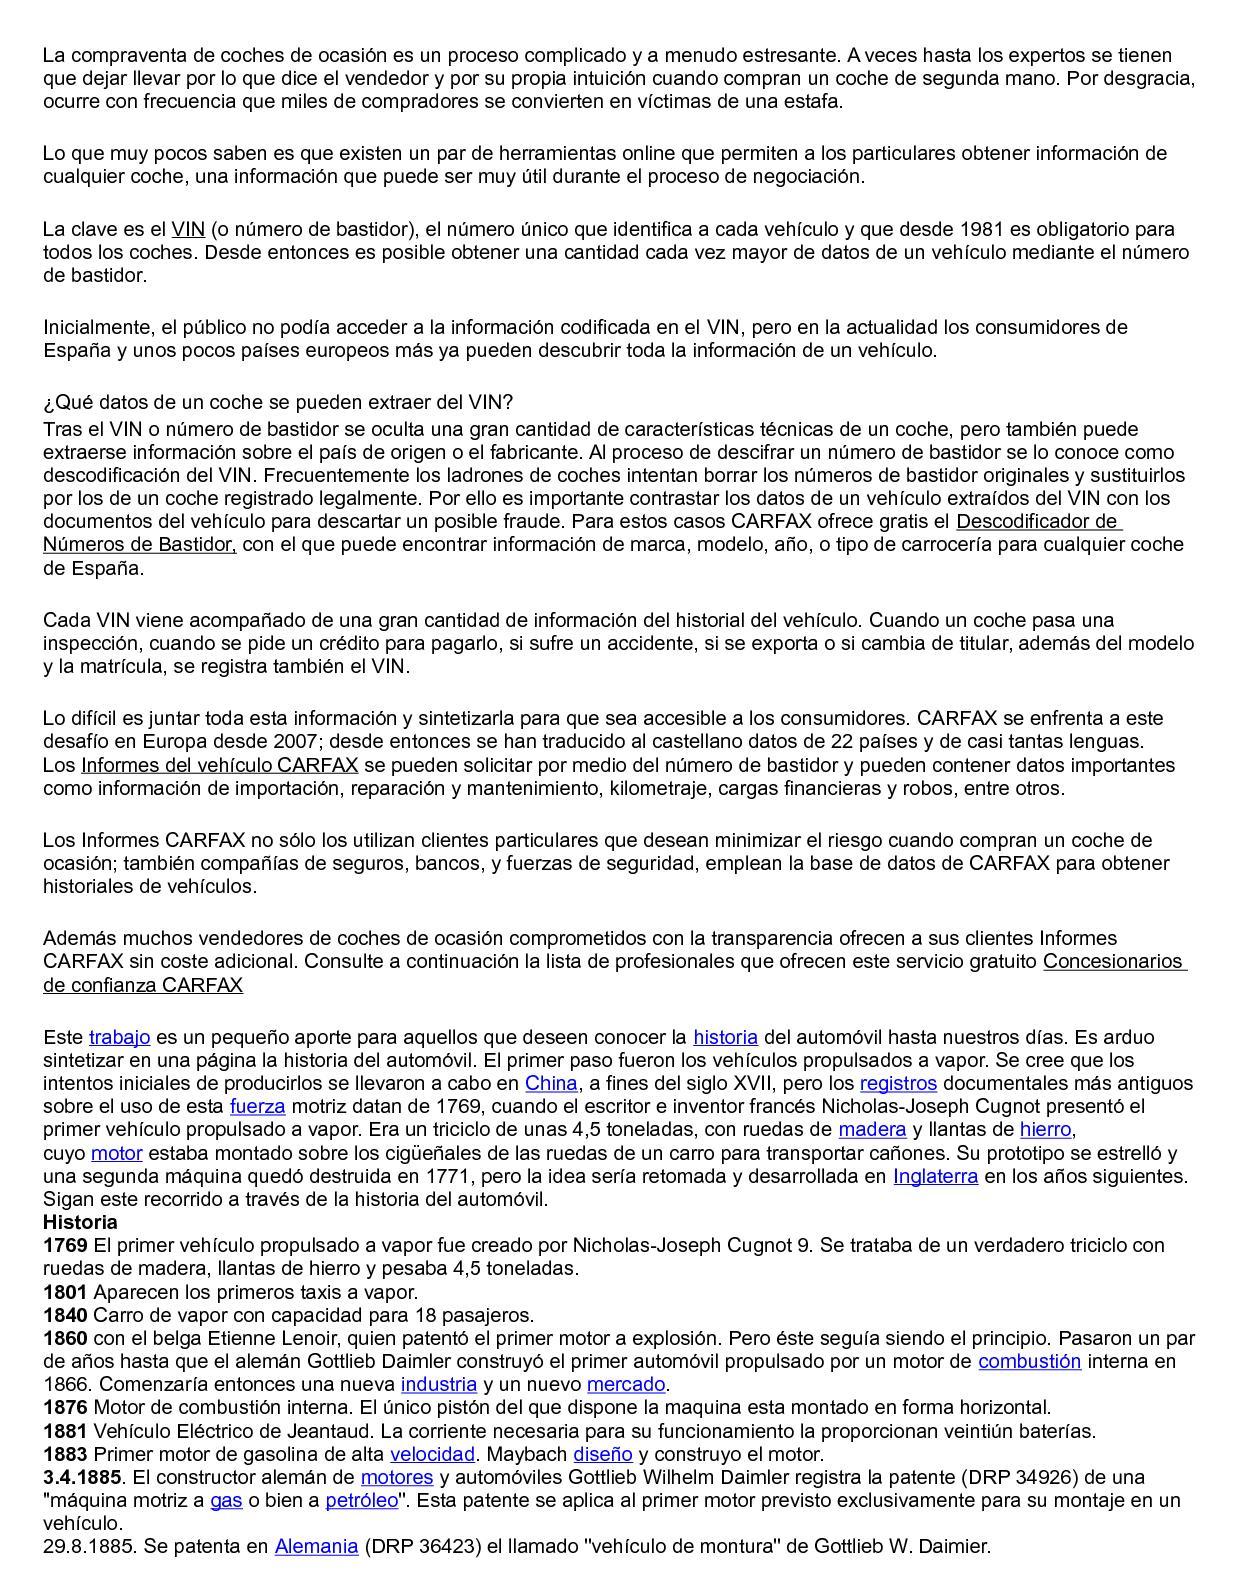 Calaméo - La Compraventa De Coches De Ocasión Es Un Proceso ...